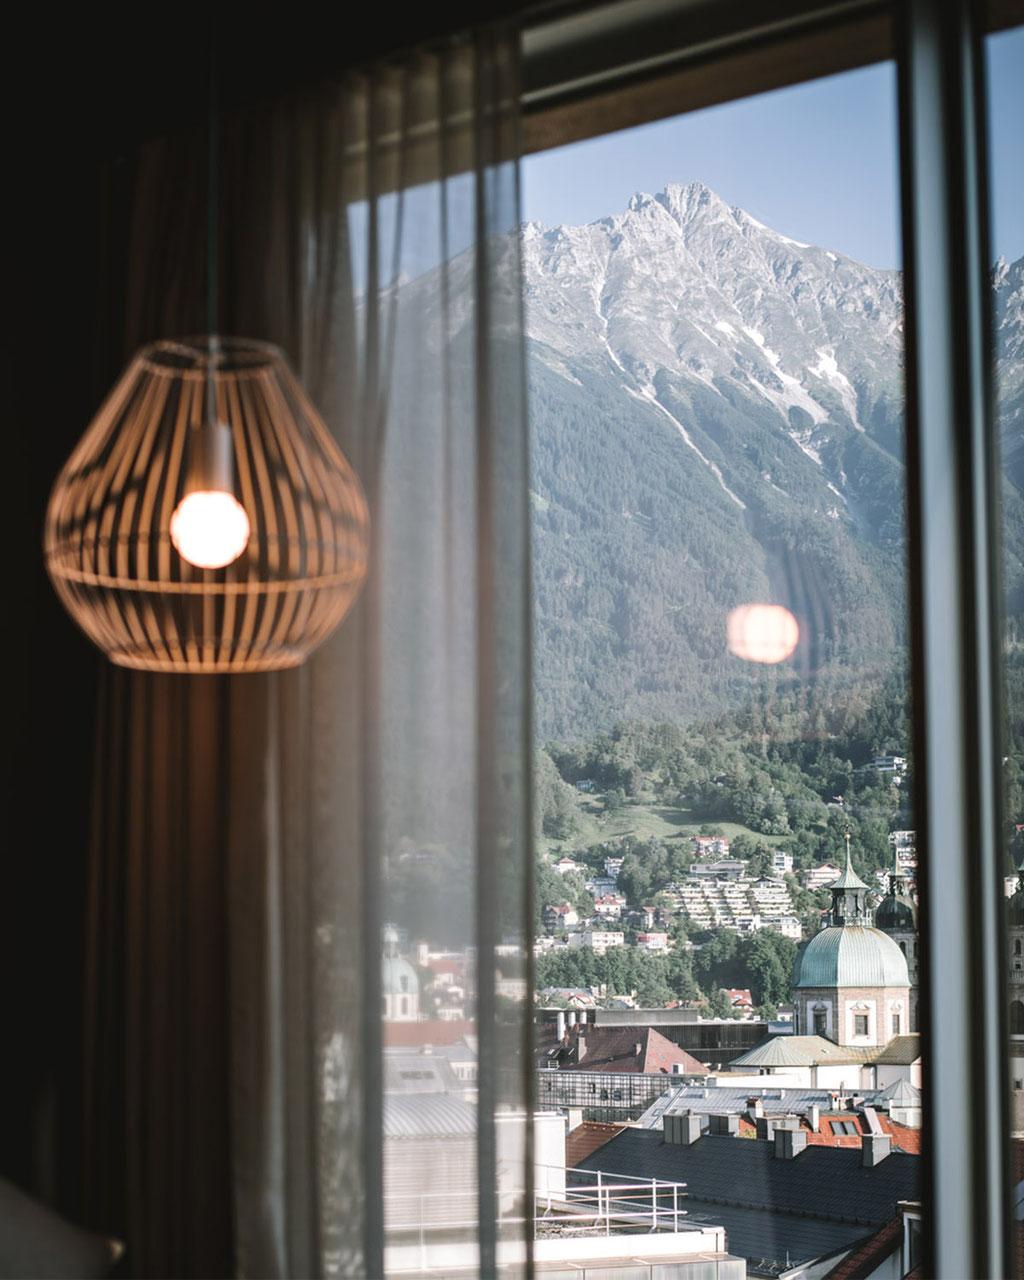 Innsbrucktrek, Hotel Adlers Innsbruck